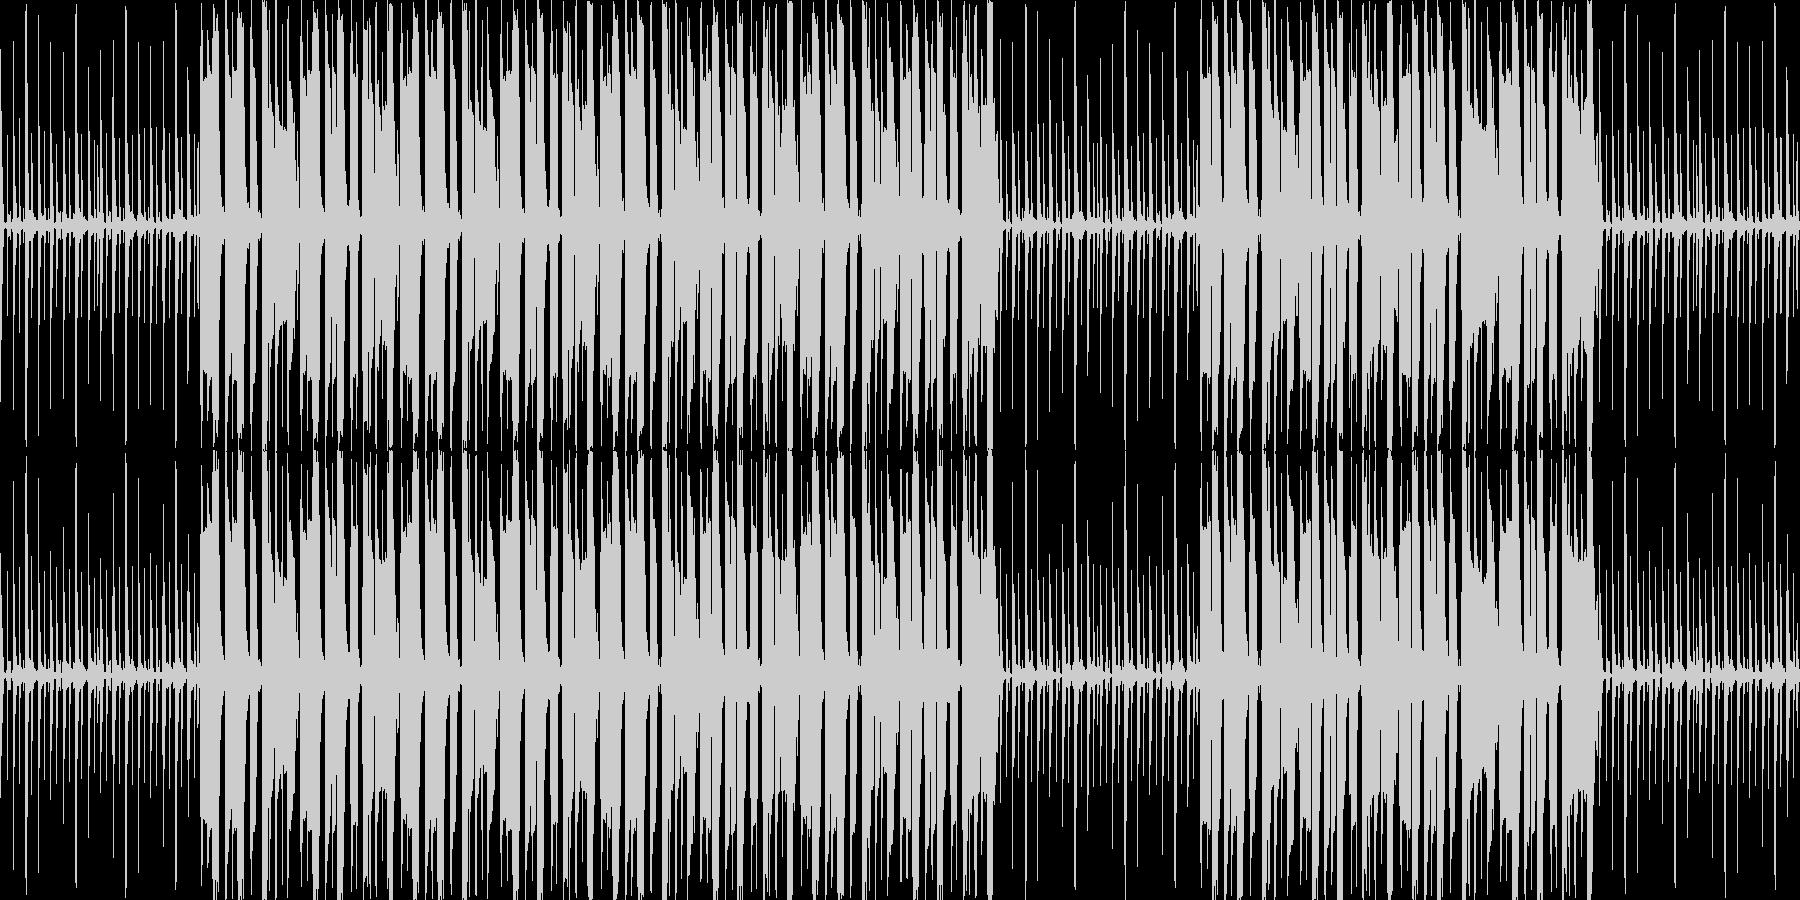 【ゆったりレゲエBGM】の未再生の波形